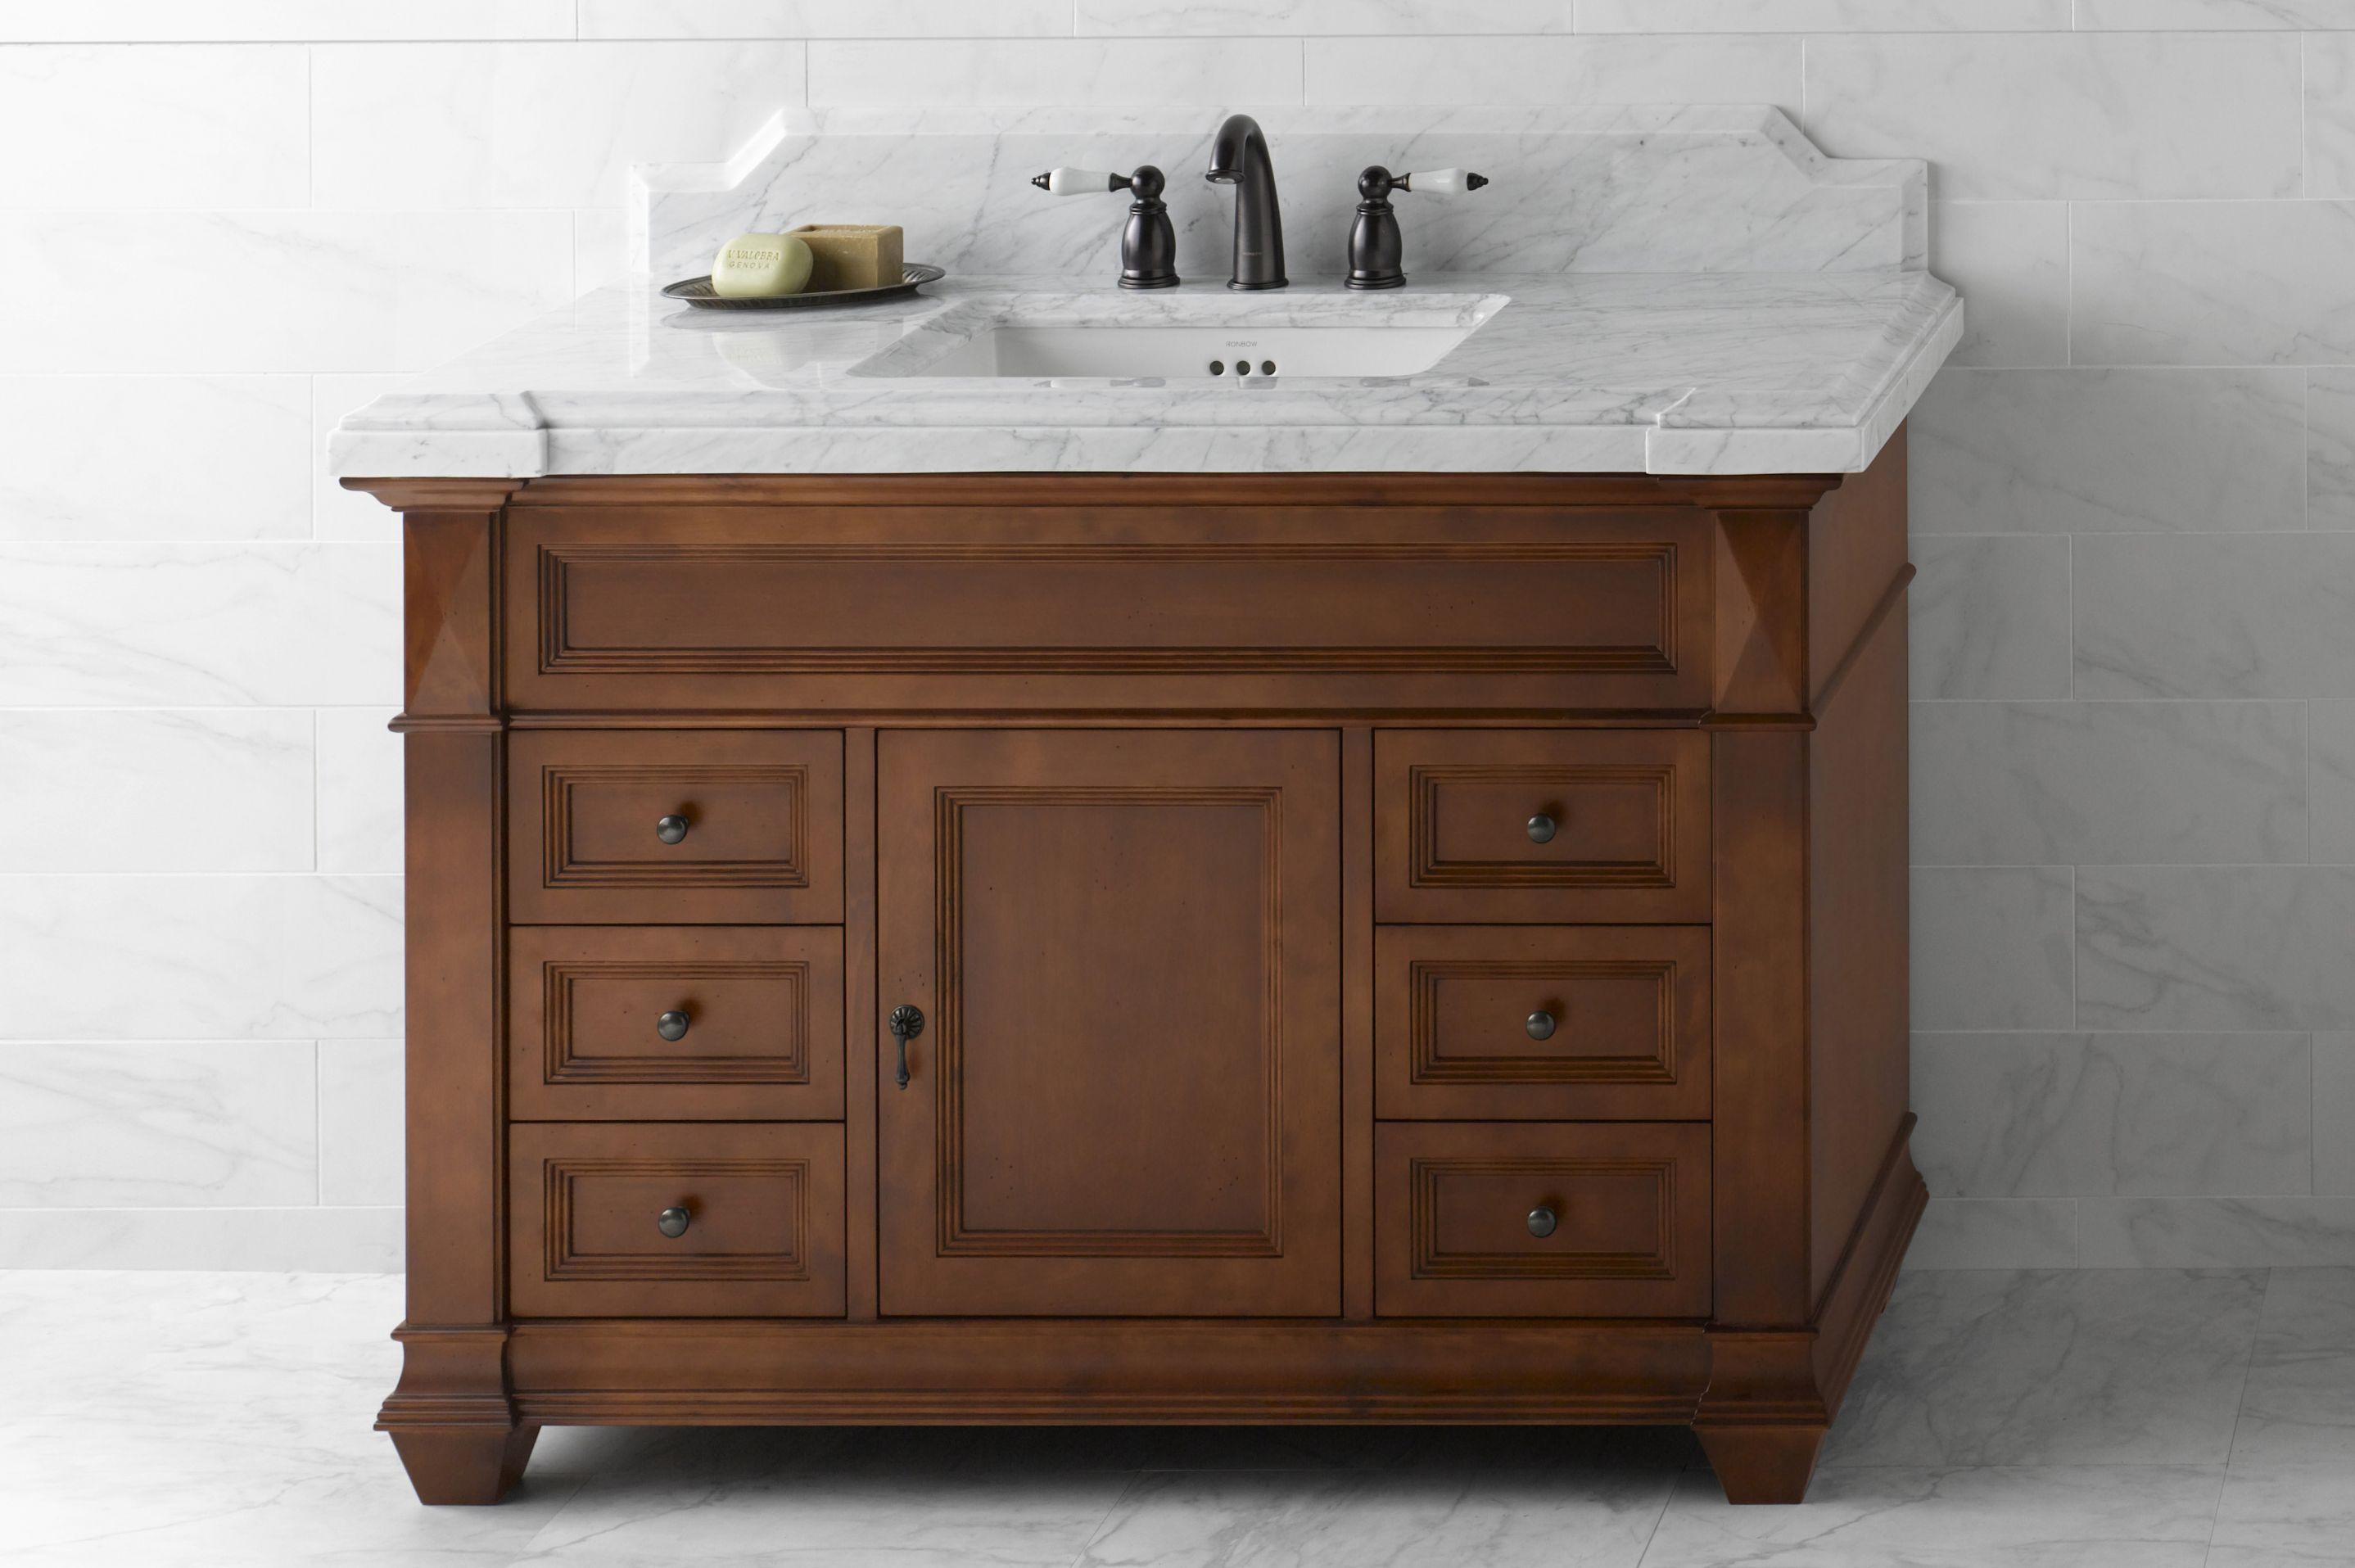 Designer Vanity Sinks | Ronbow Vanity Tops | Porcelain Vanity Sink Tops